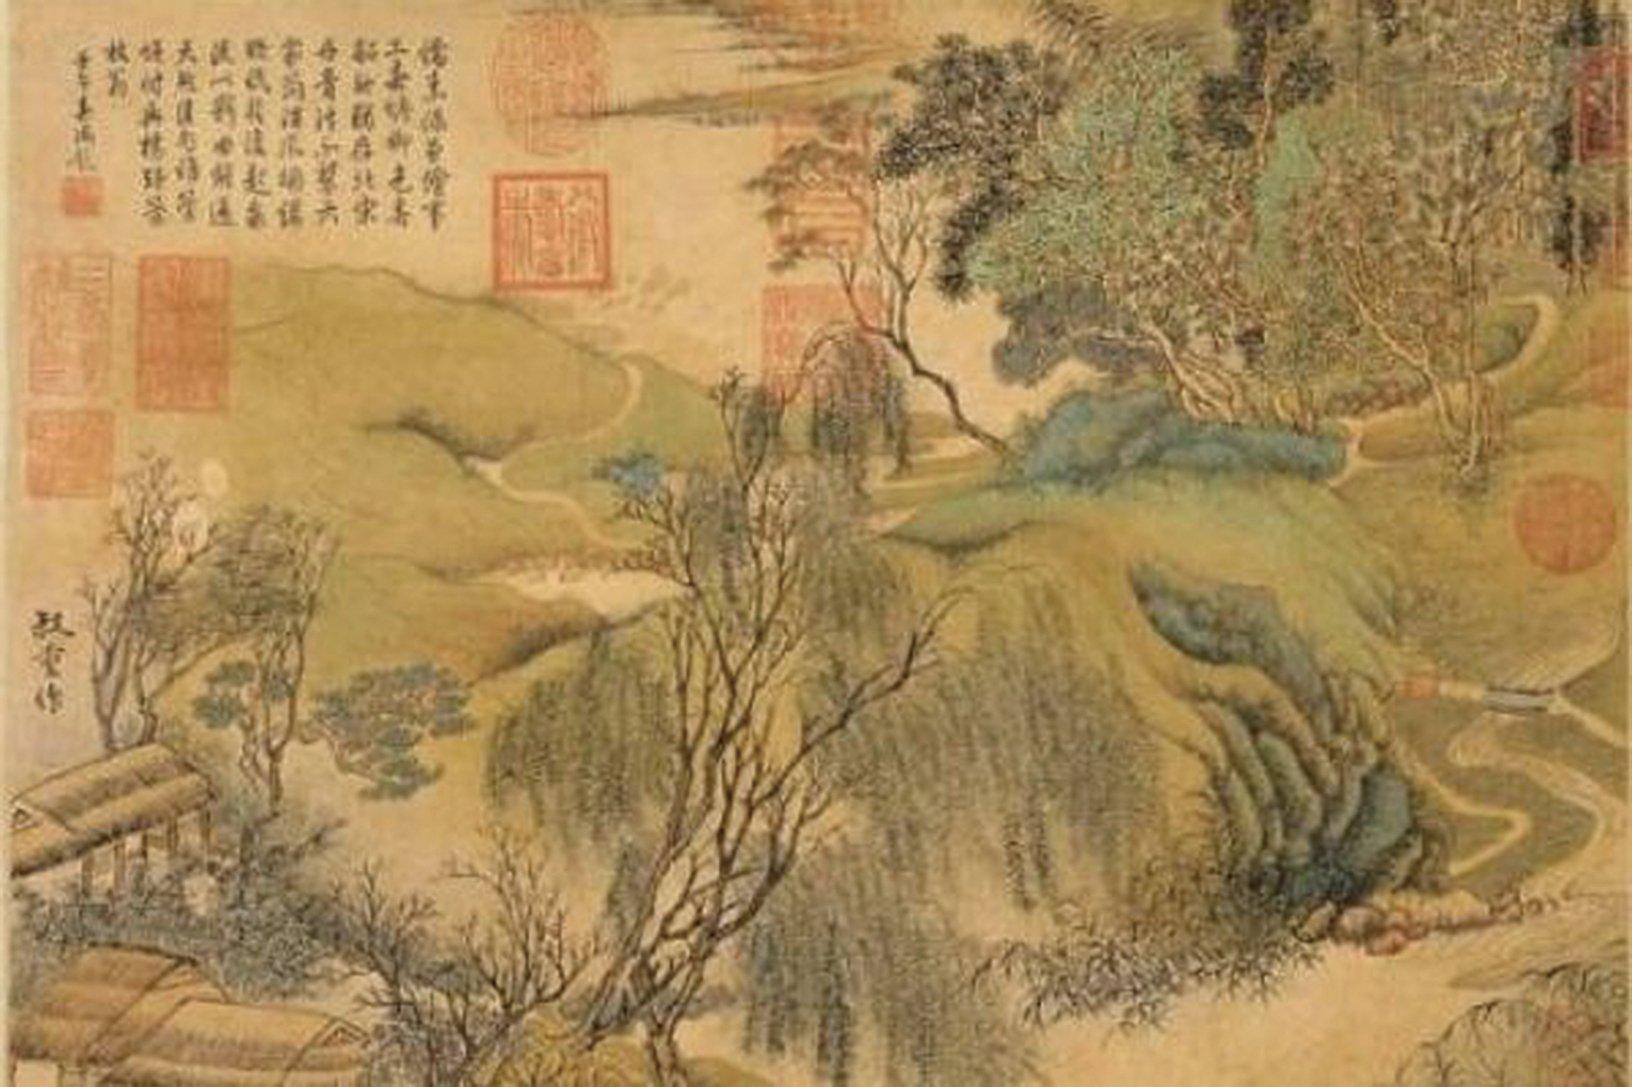 元.朱叔重〈春塘柳色〉(國立故宮博物院)